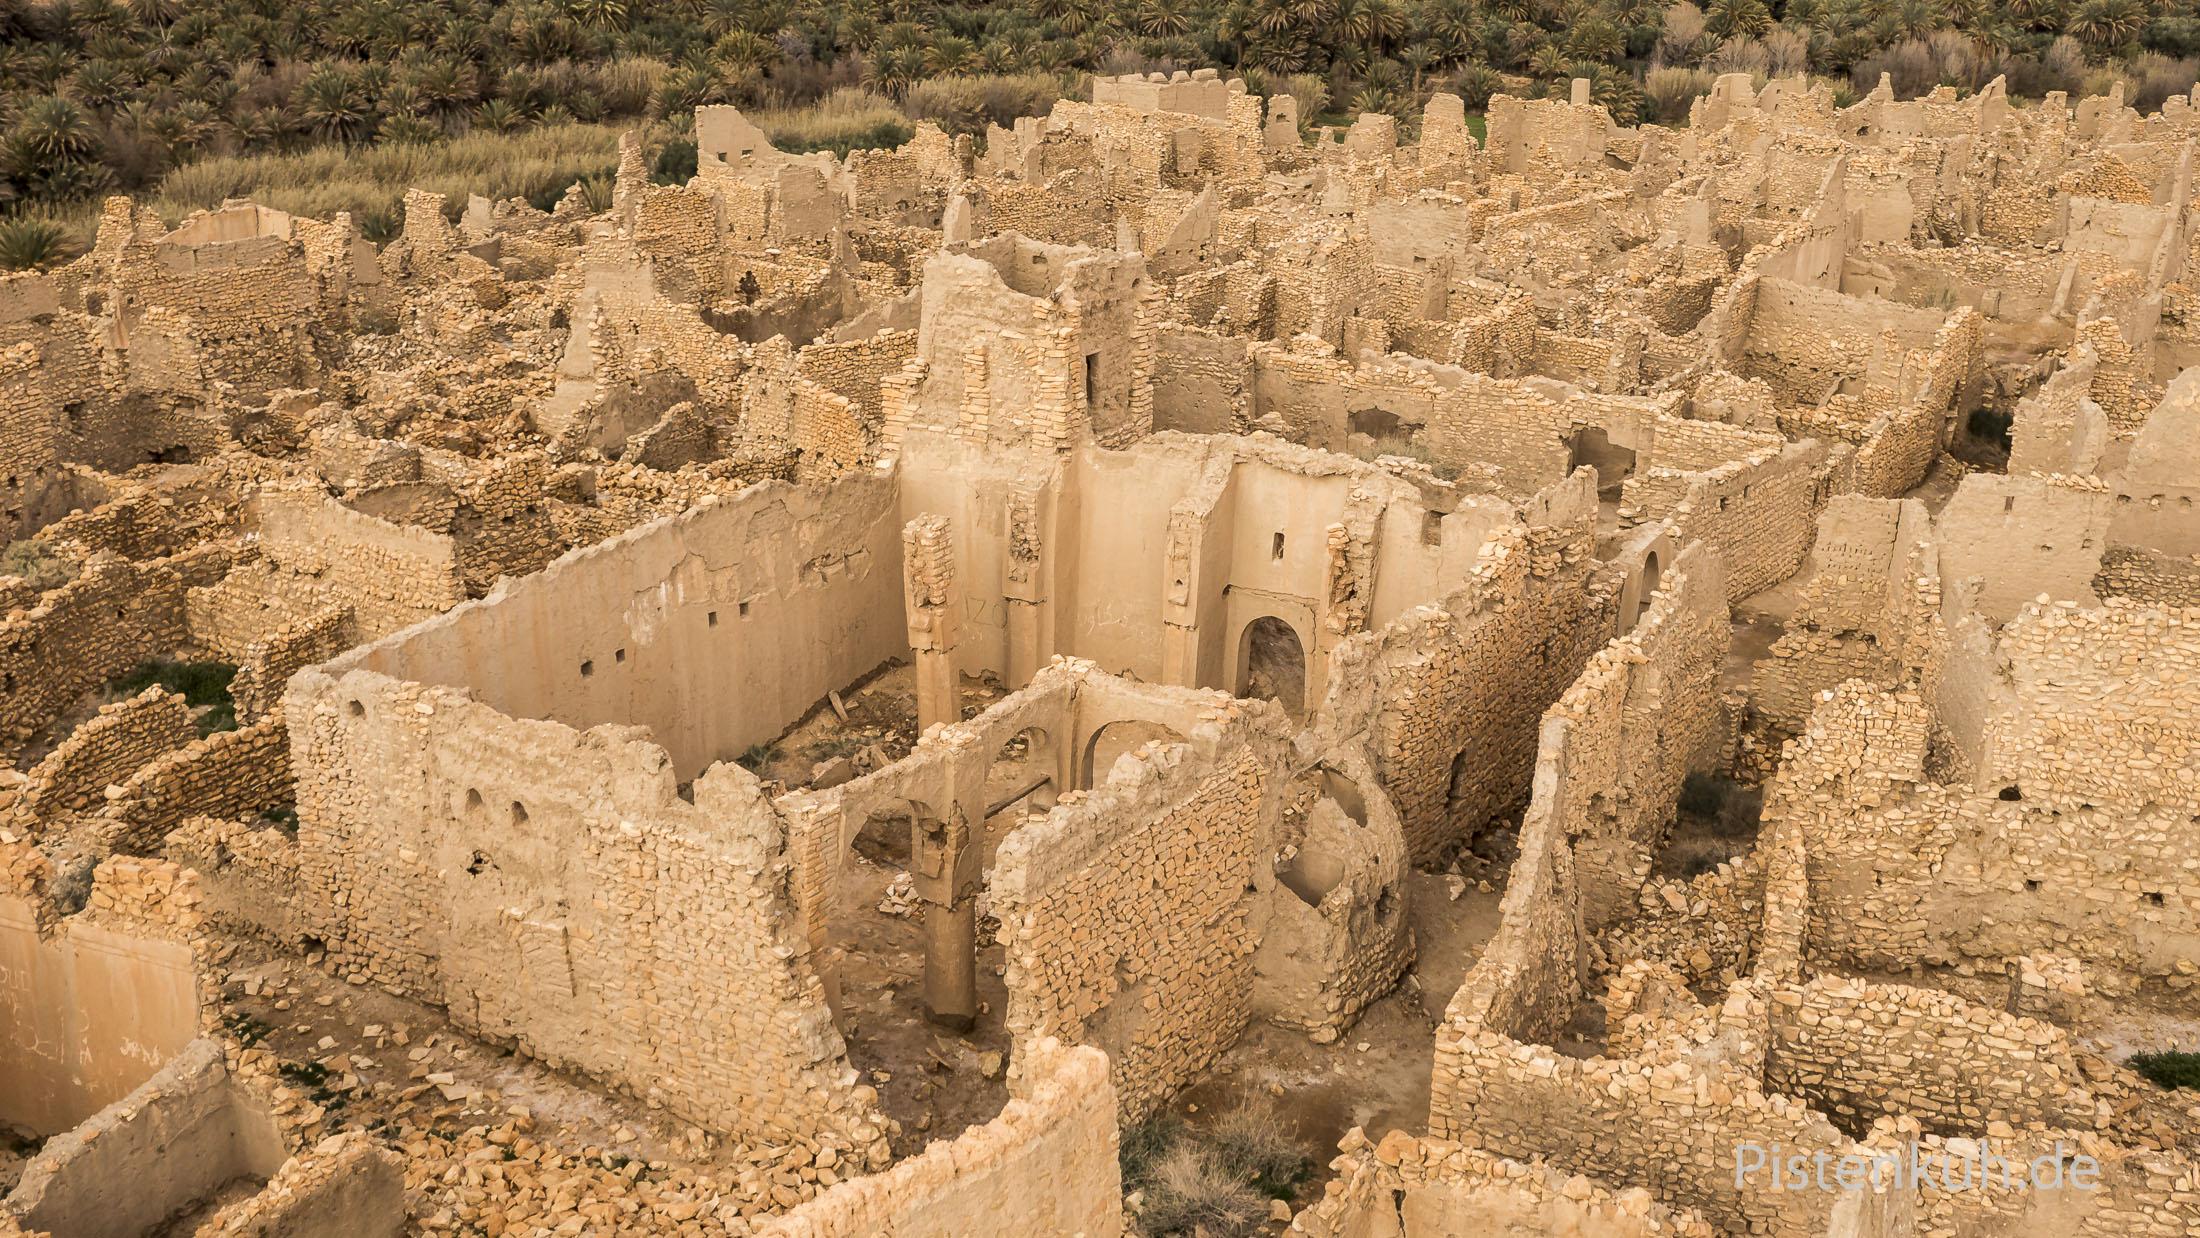 Die Moschee von Old Meski in Marokko.